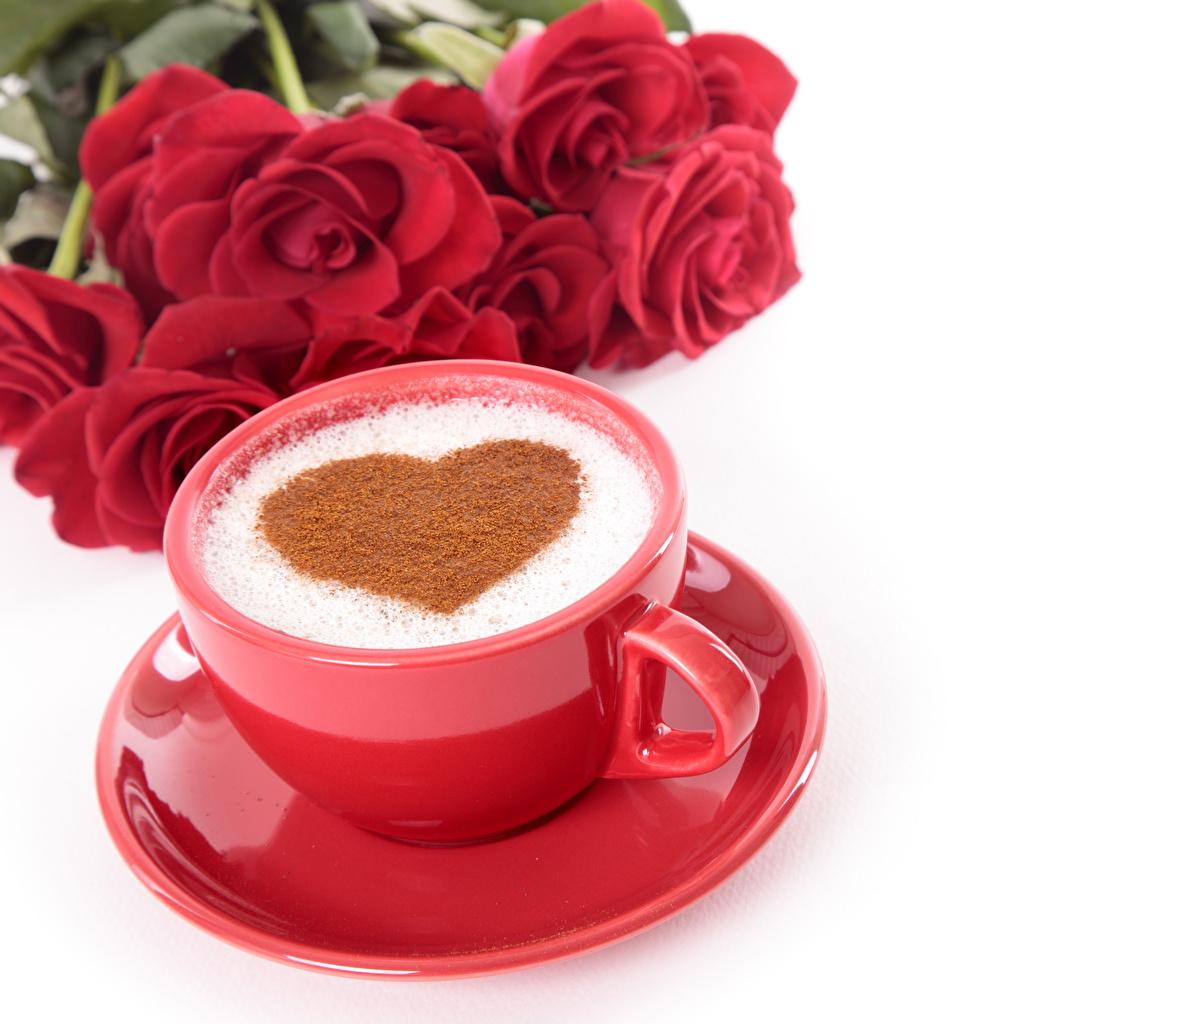 Фотография День всех влюблённых Сердце Кофе роза Красный Еда чашке Блюдце Белый фон День святого Валентина серце сердца сердечко Розы красных красная красные Пища Чашка блюдца Продукты питания белом фоне белым фоном